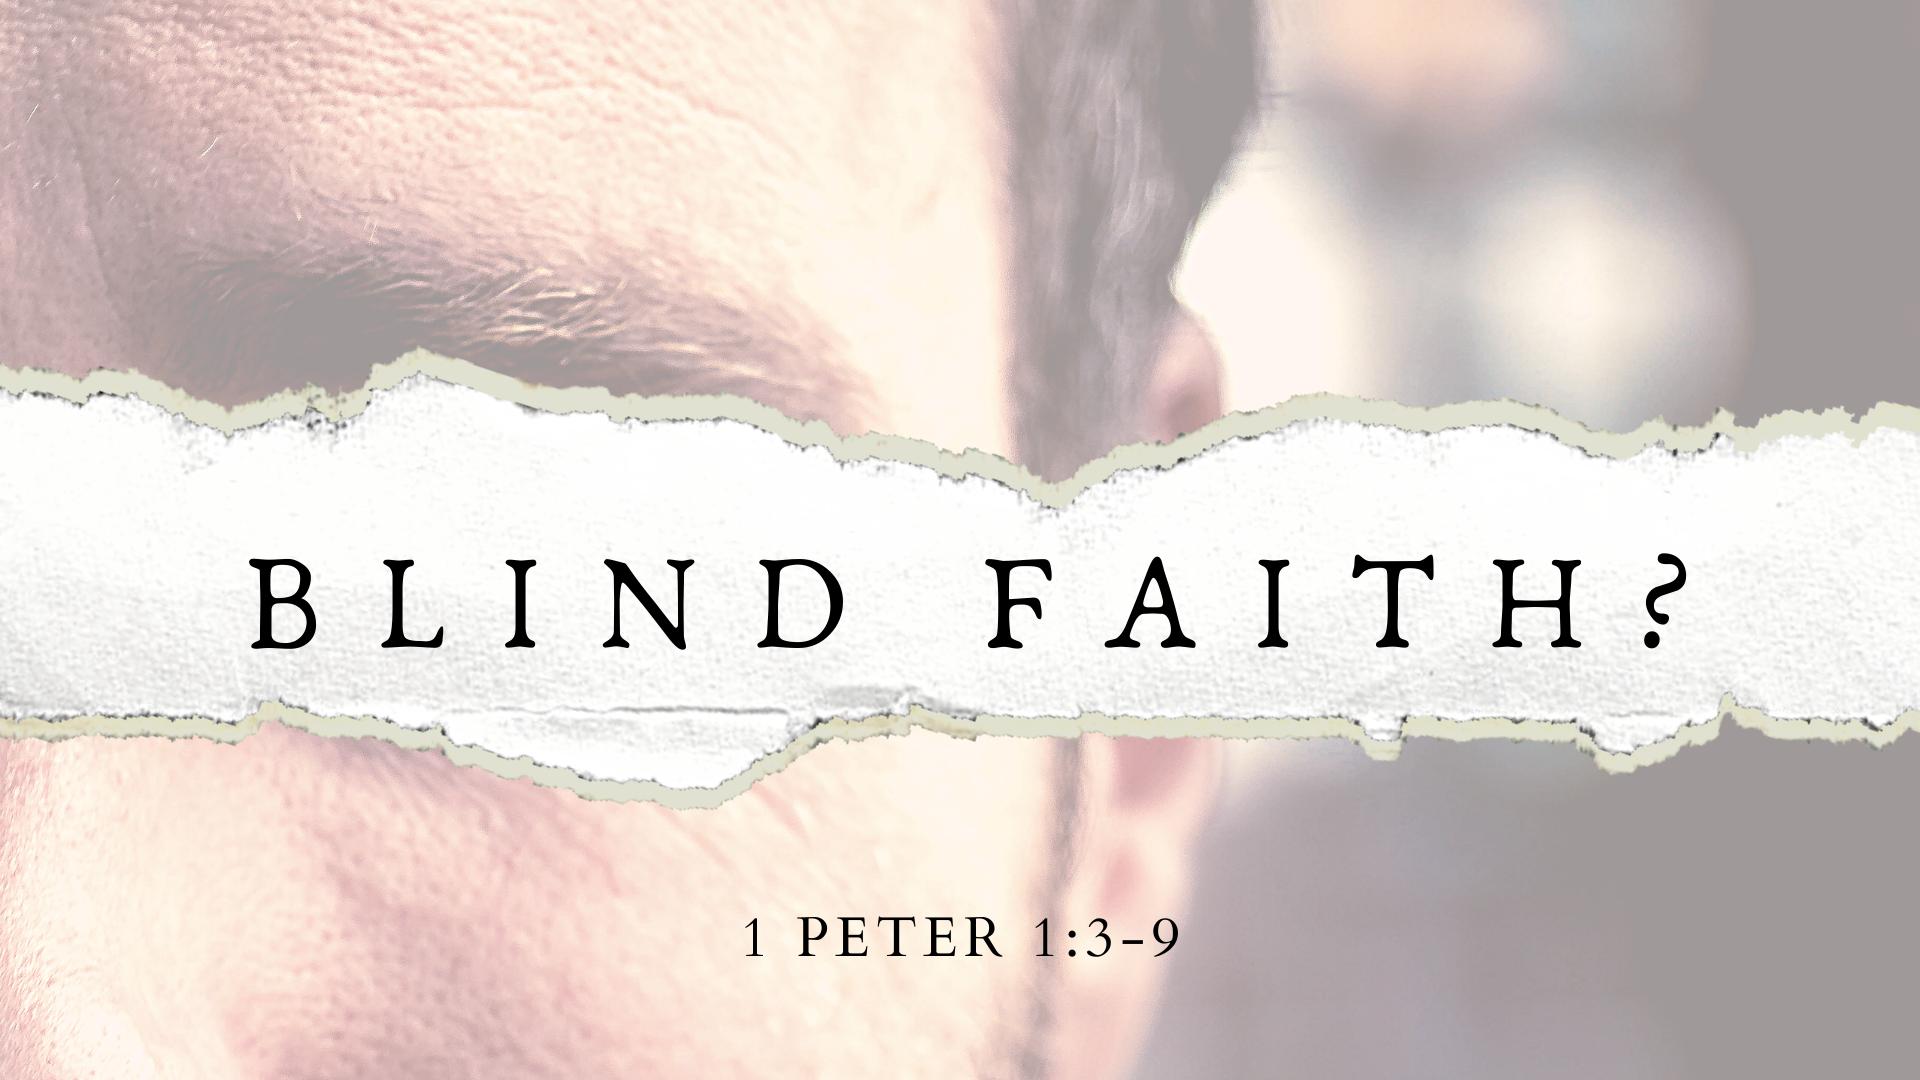 Blind Faith?